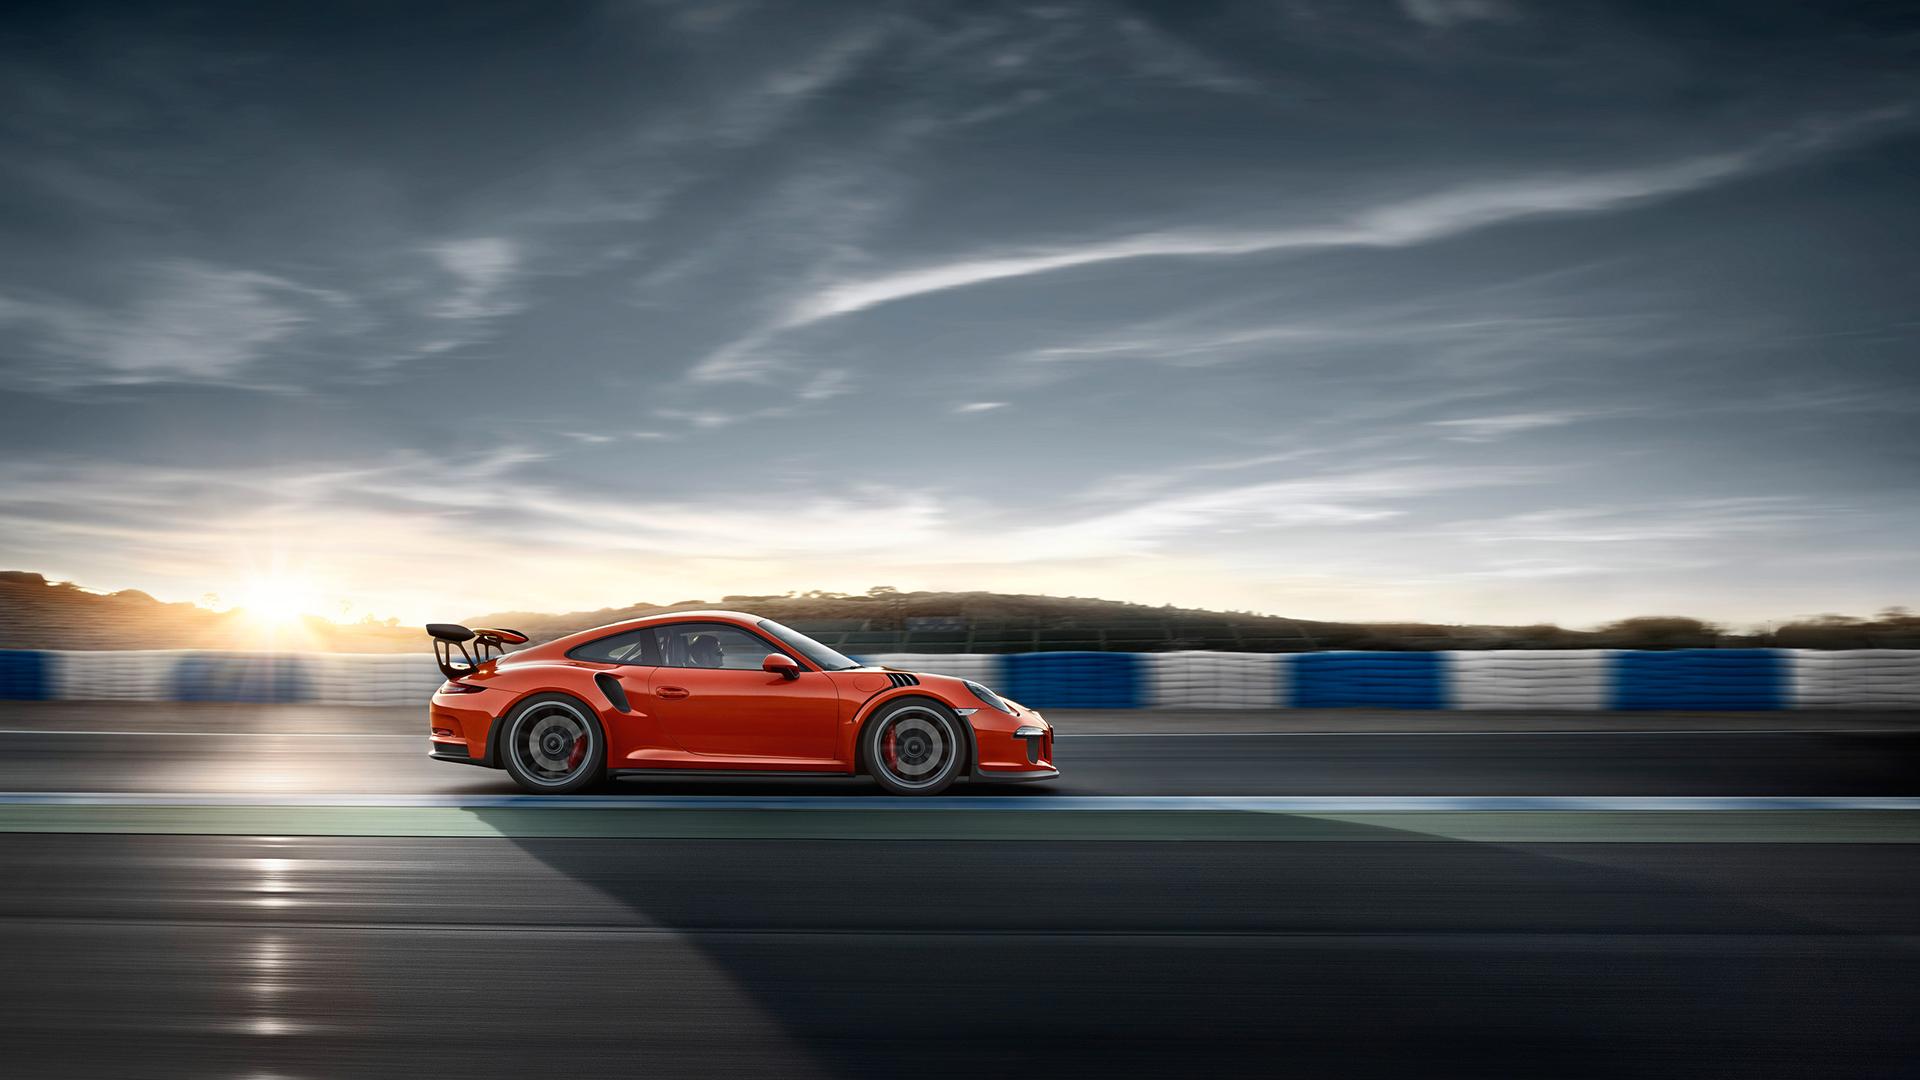 Porsche 911 Gt3 Rs Wallpaper: Porsche Gt3 Wallpaper